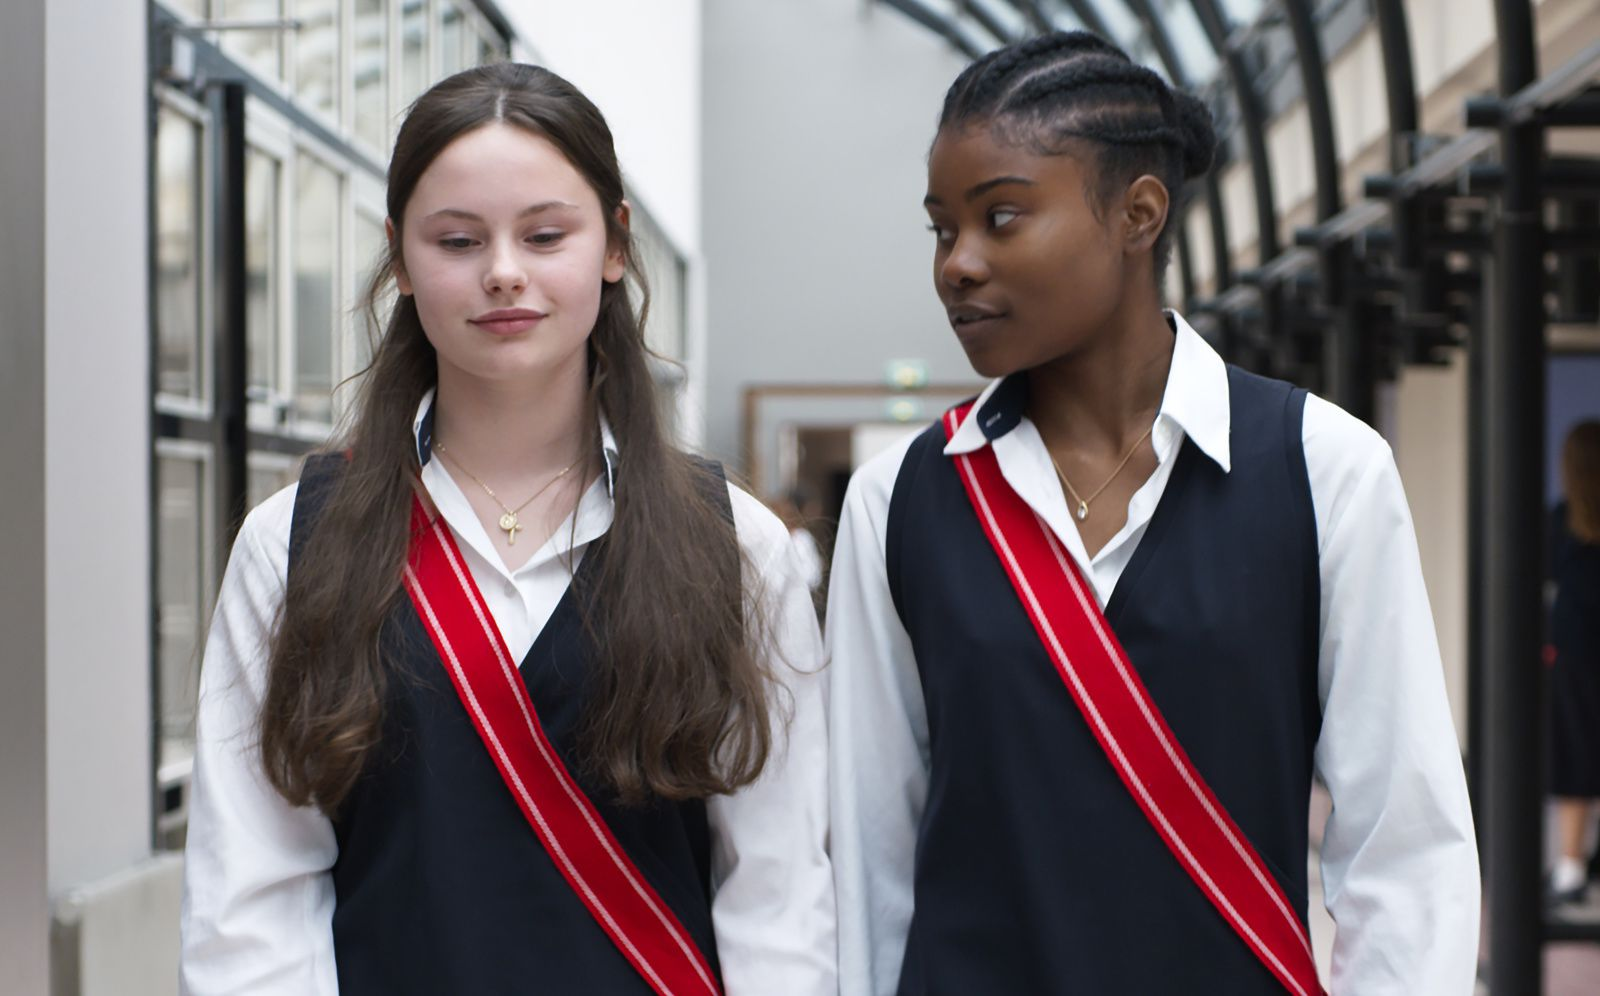 ZOMBI CHILD (BANDE-ANNONCE) de Bertrand Bonello - Le 12 juin 2019 au cinéma